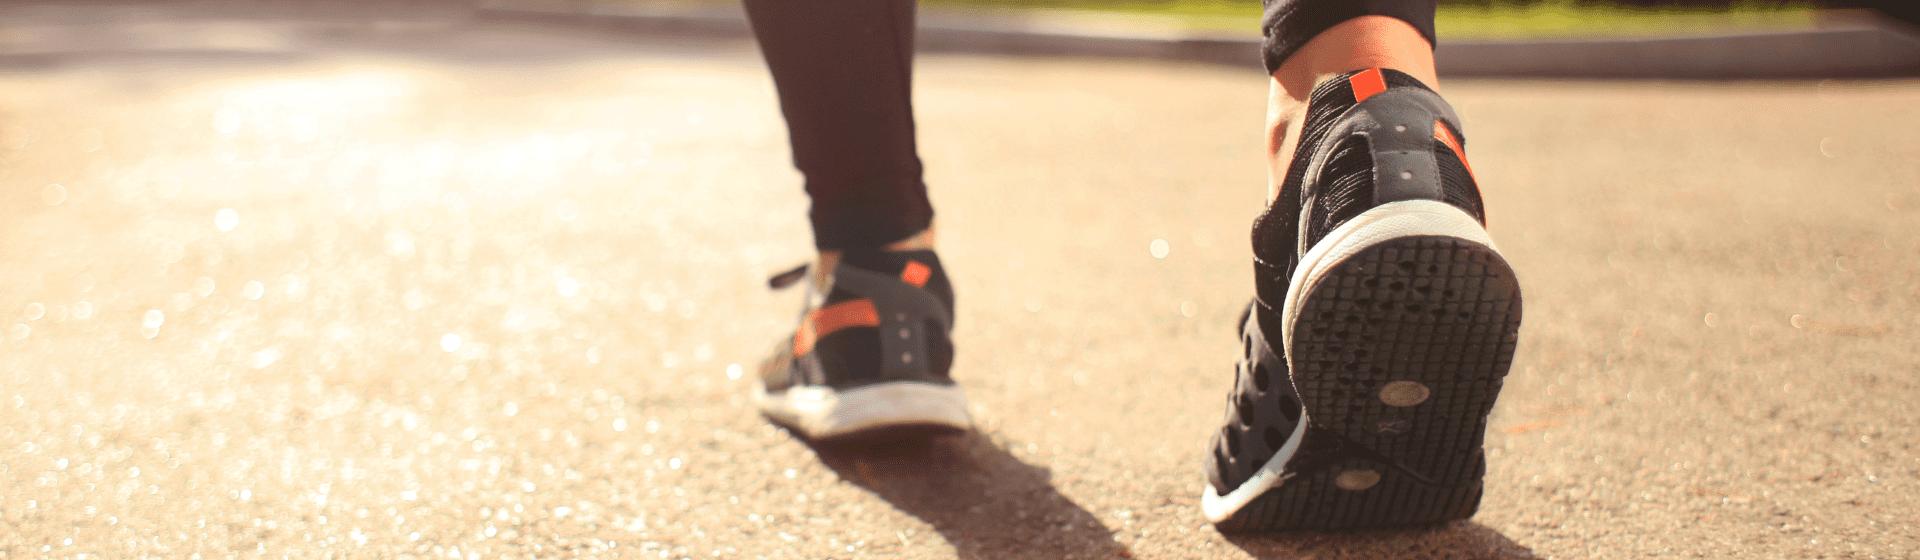 Tênis para caminhada na Black Friday 2020: 8 modelos que podem entrar com desconto